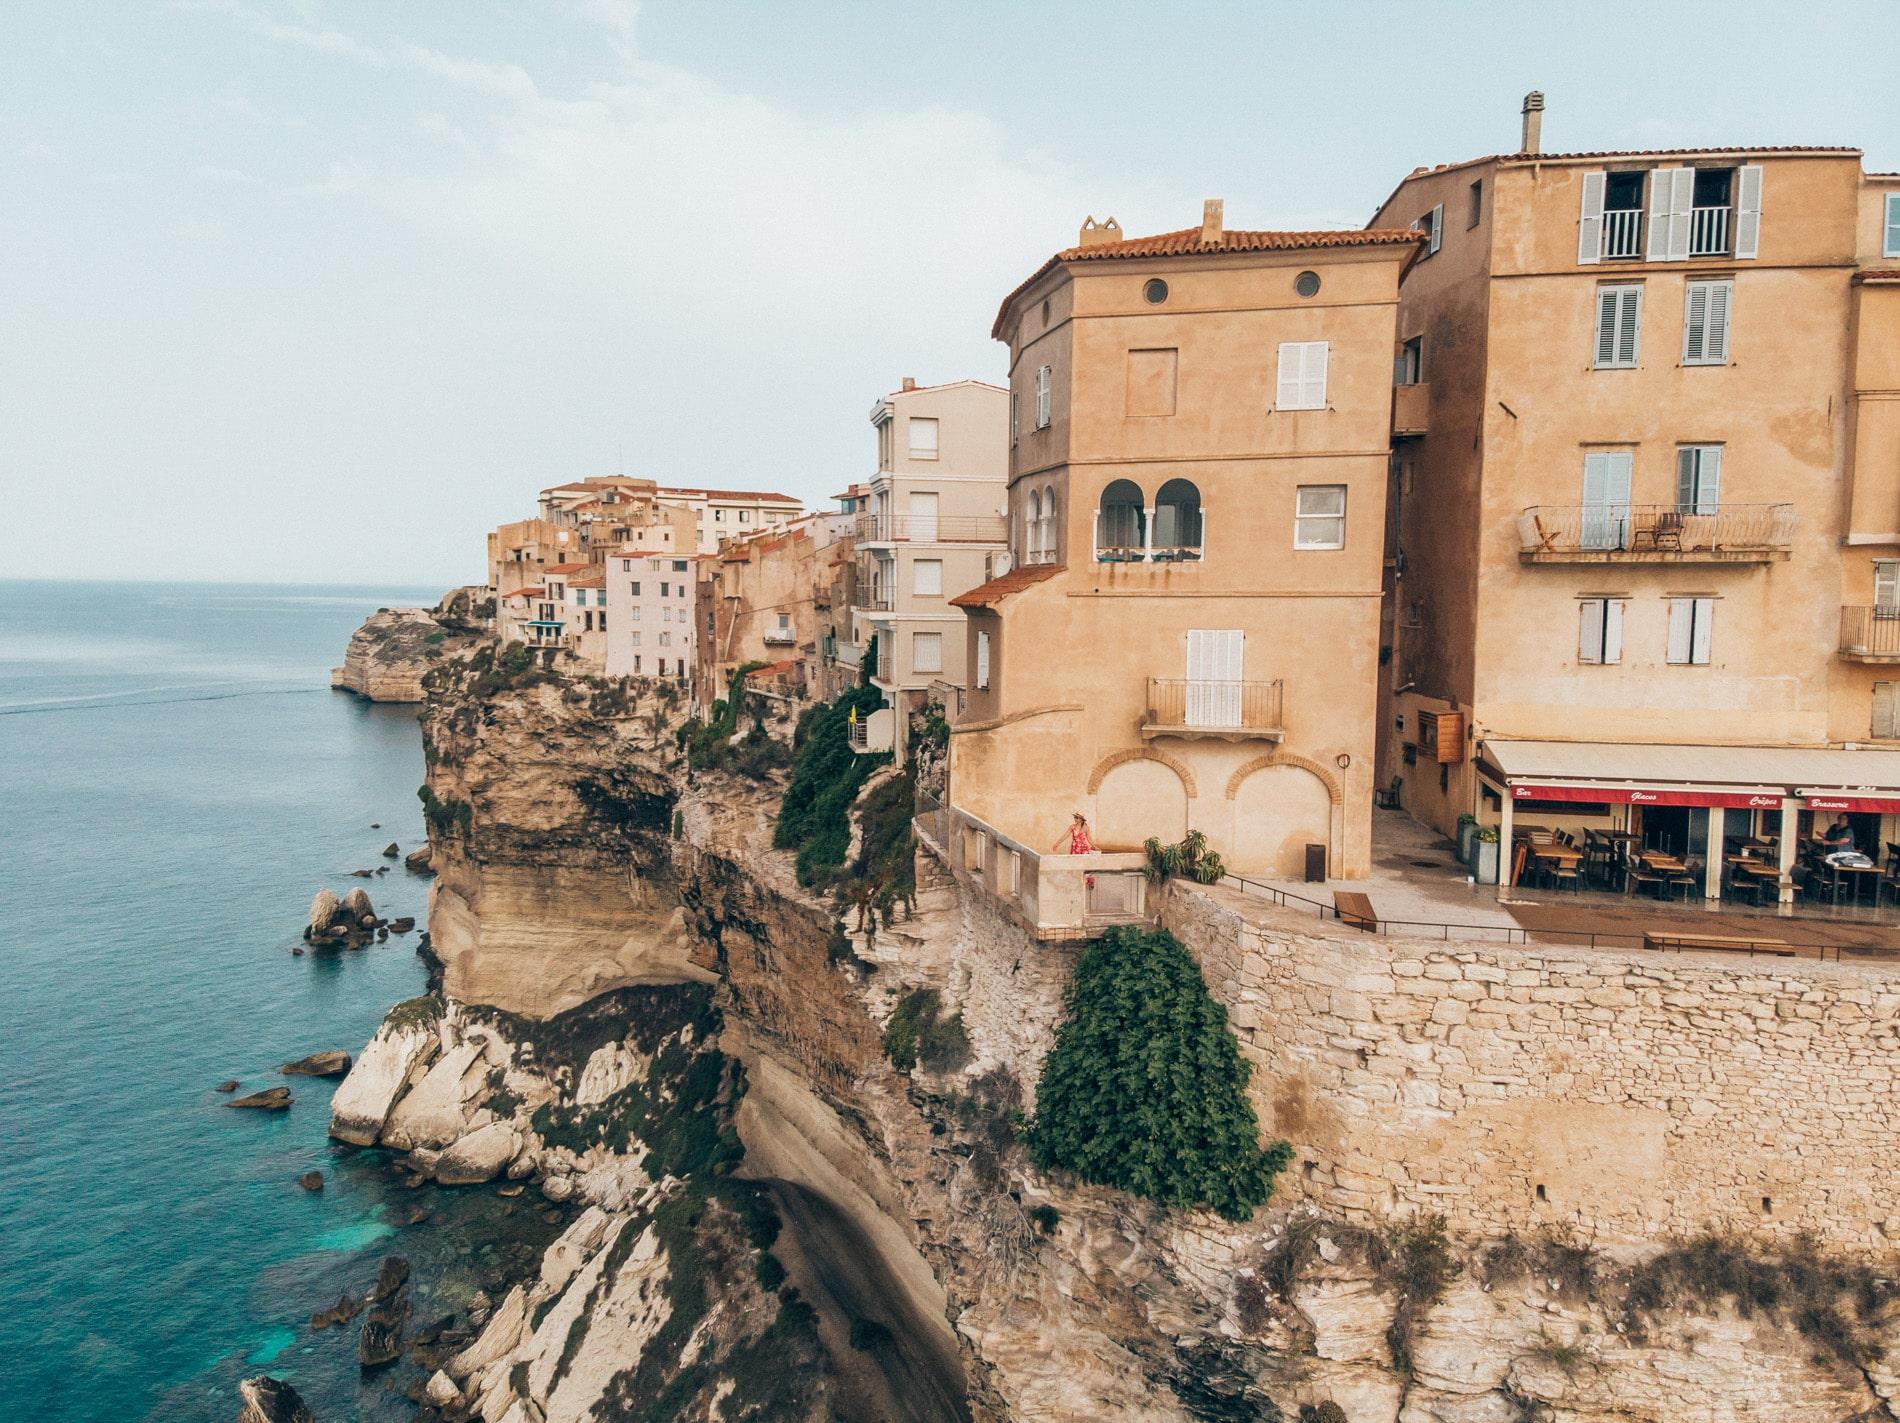 dji 0097 - Corse du sud : Mes conseils, choses à voir, adresses...